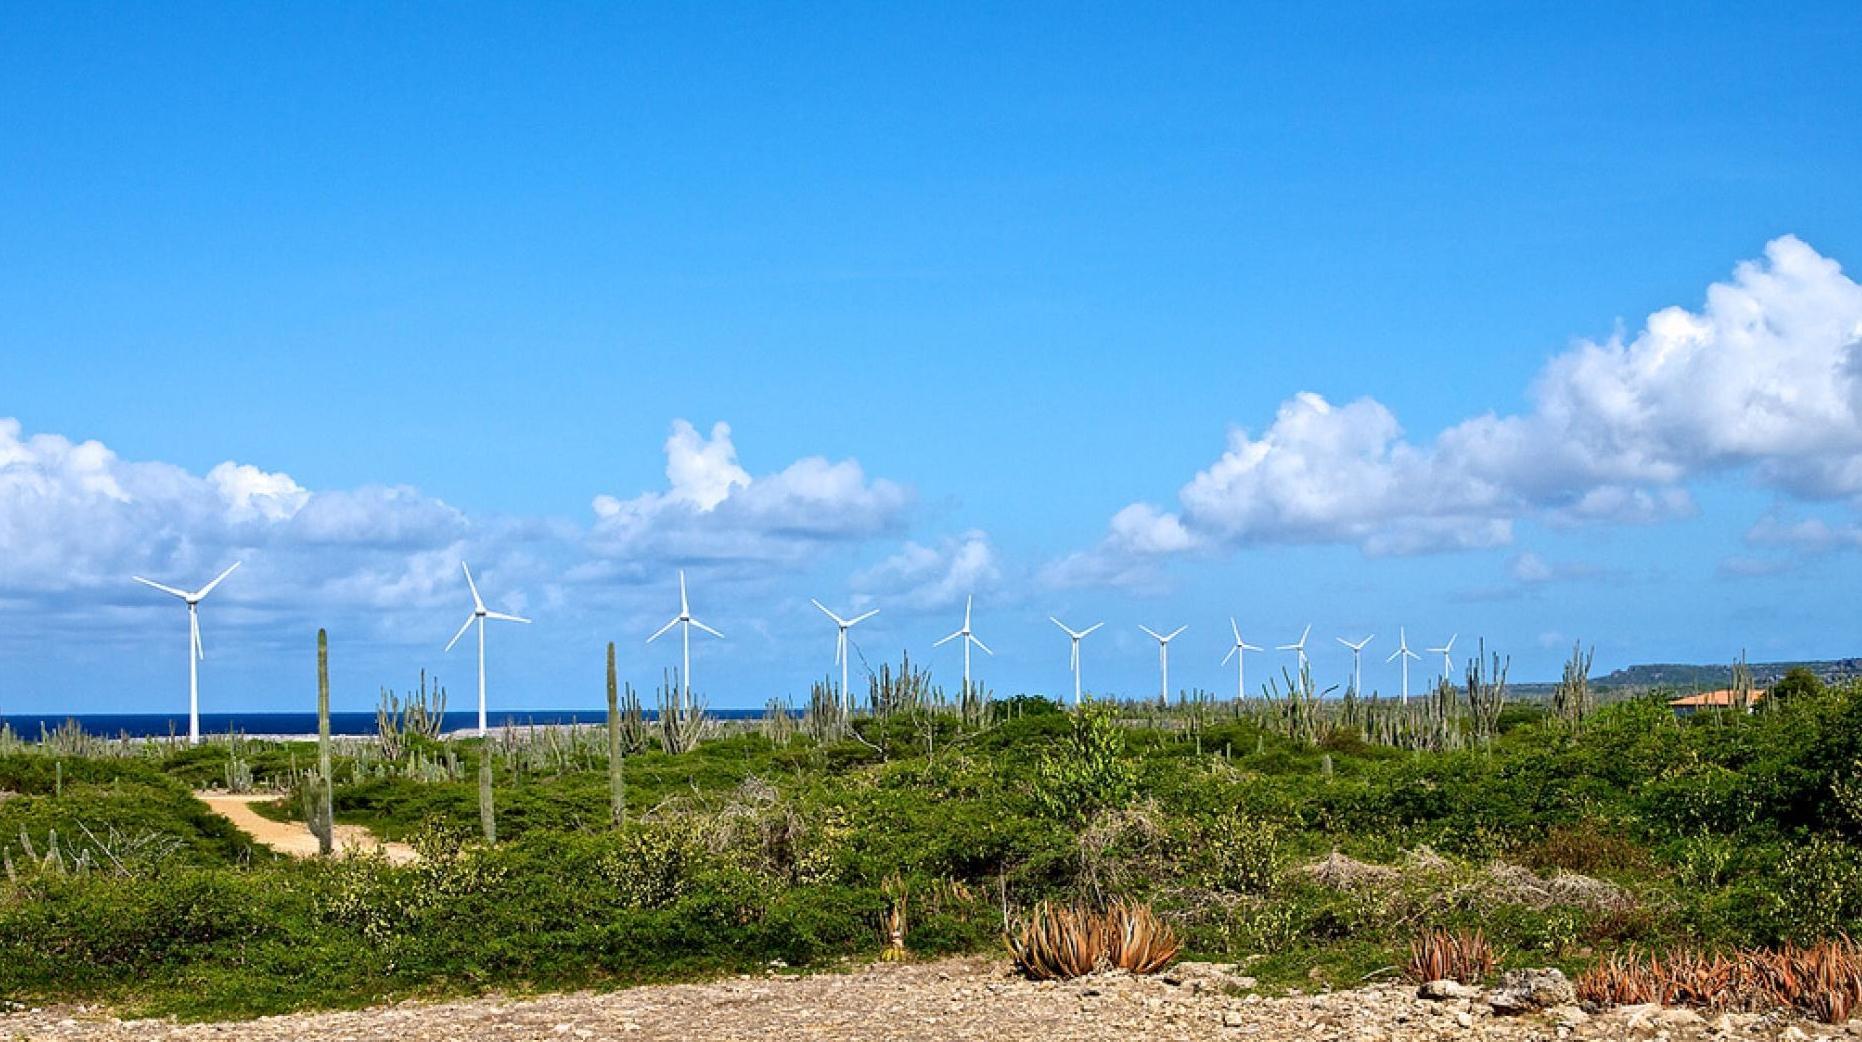 bonaire-wind-ngsversion-1513909000219-adapt-1900-1.jpg